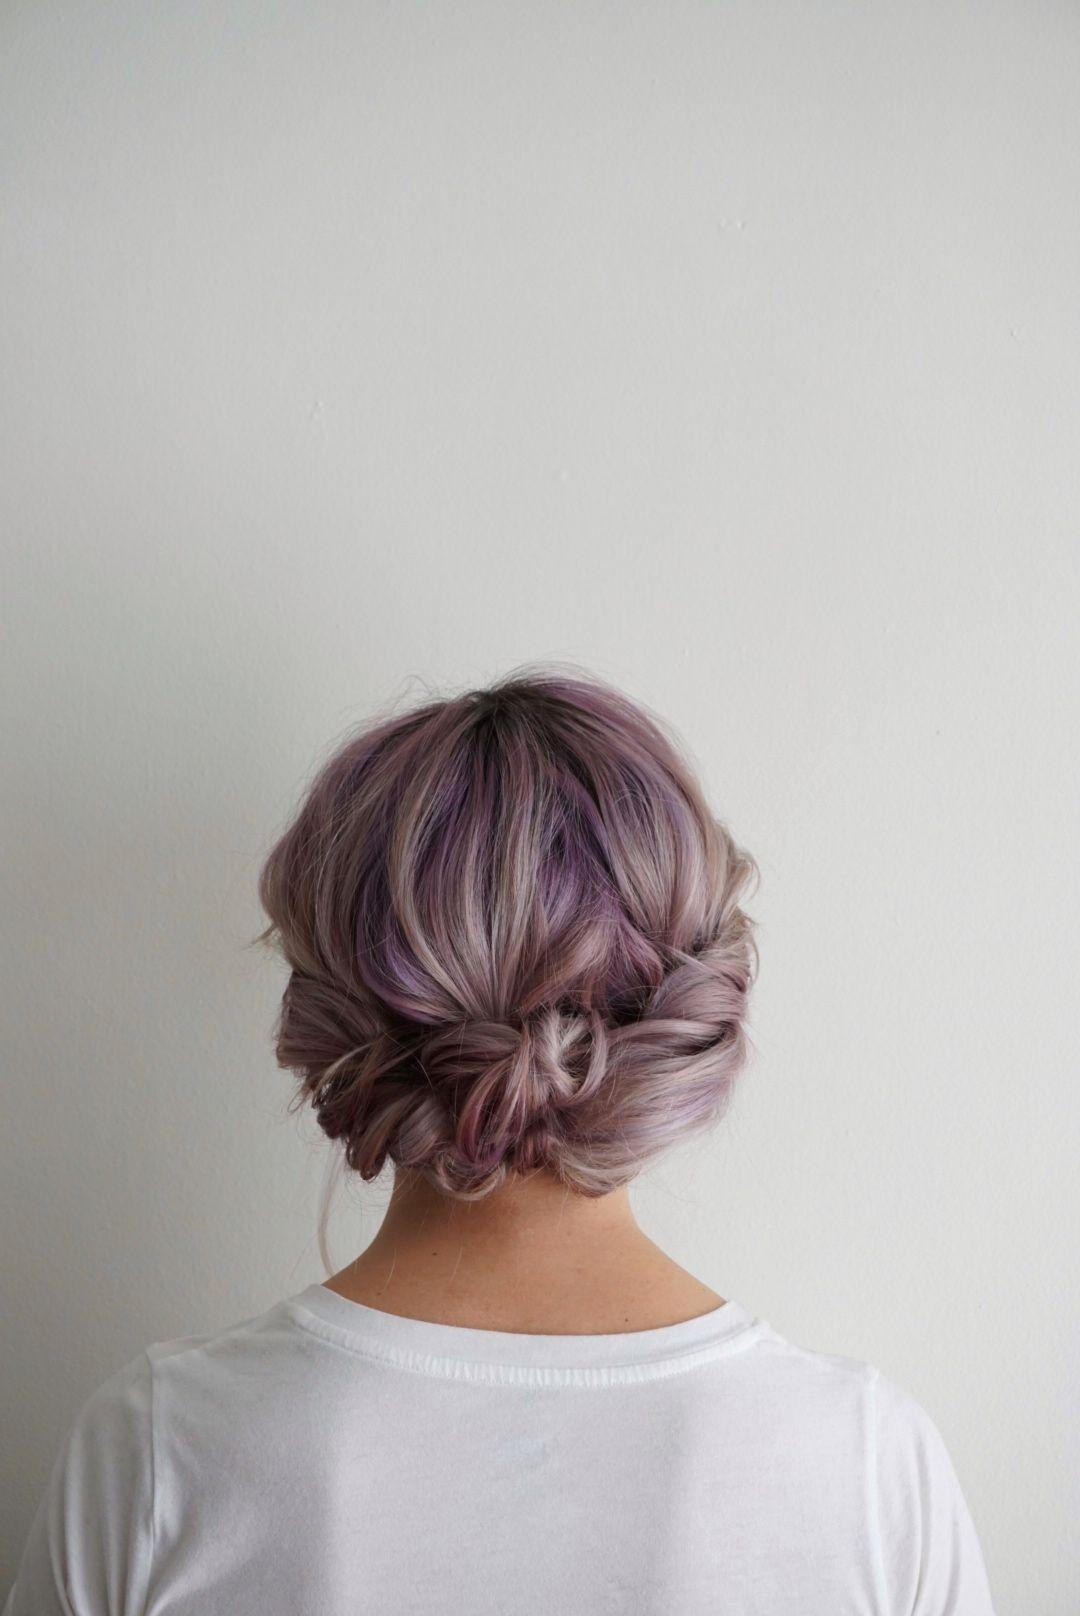 Short Hair | Undo | Hair | Pinterest | Short hair, Shorts and Hair style